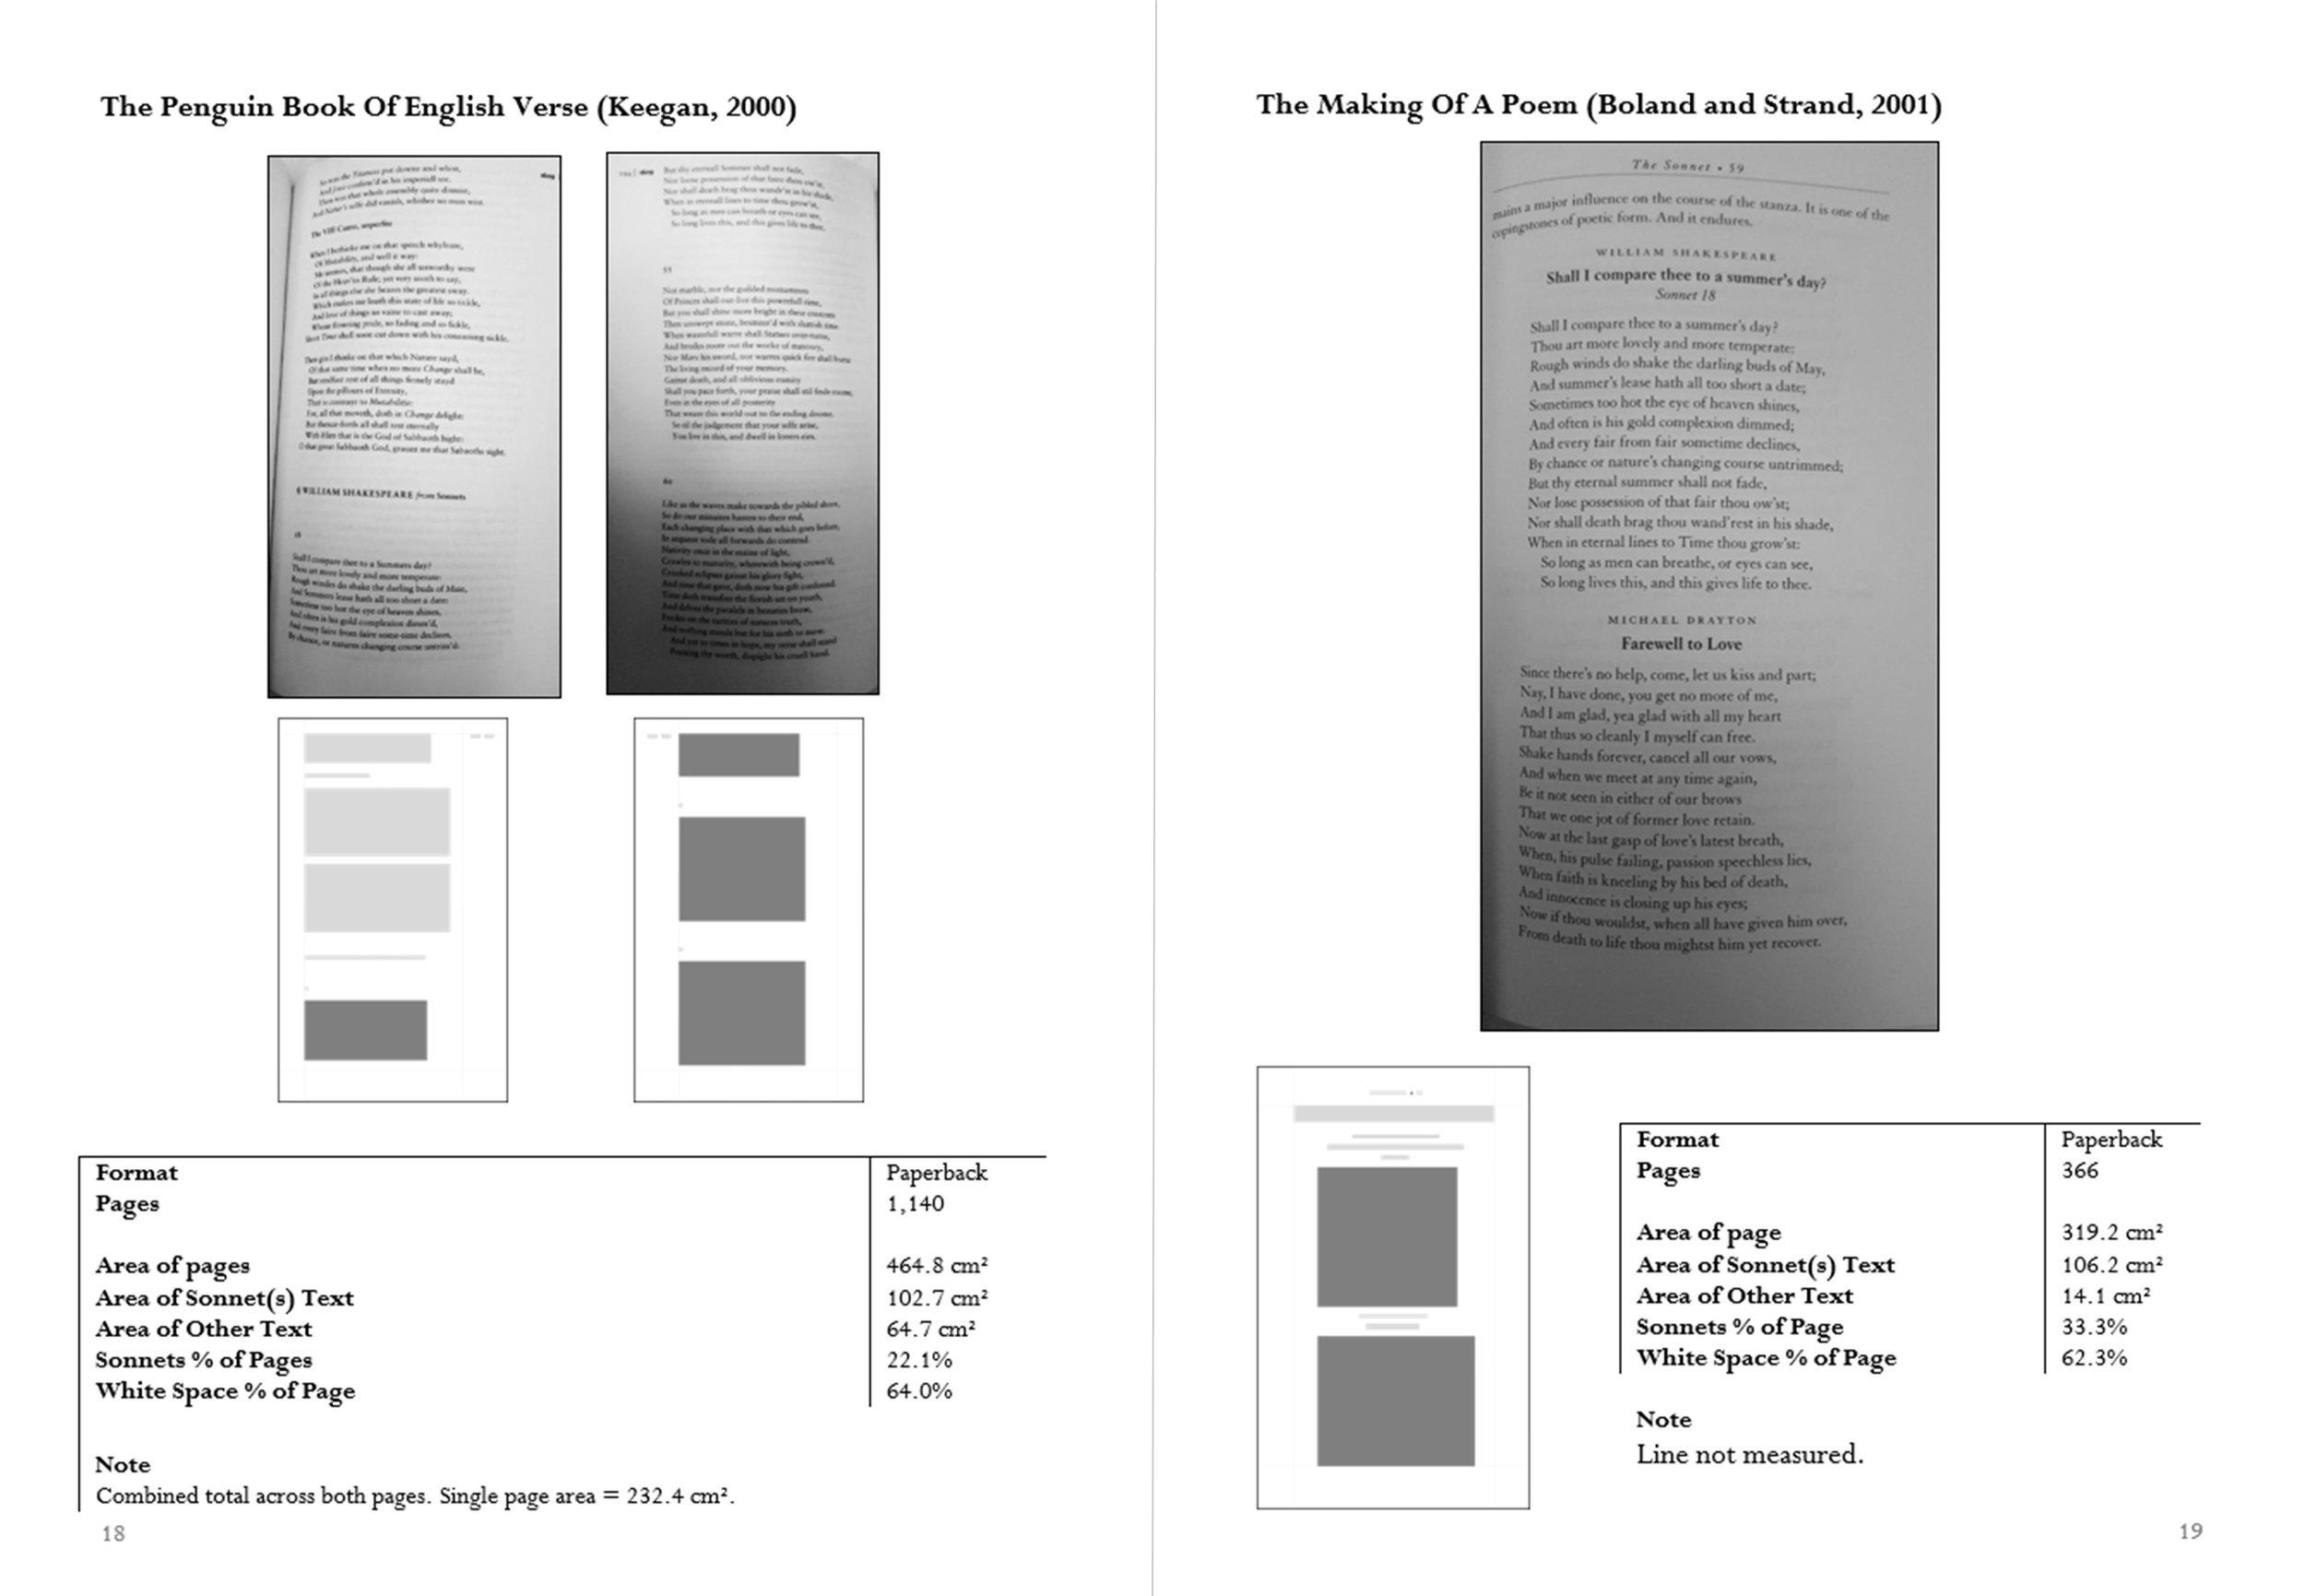 pp18-19.JPG